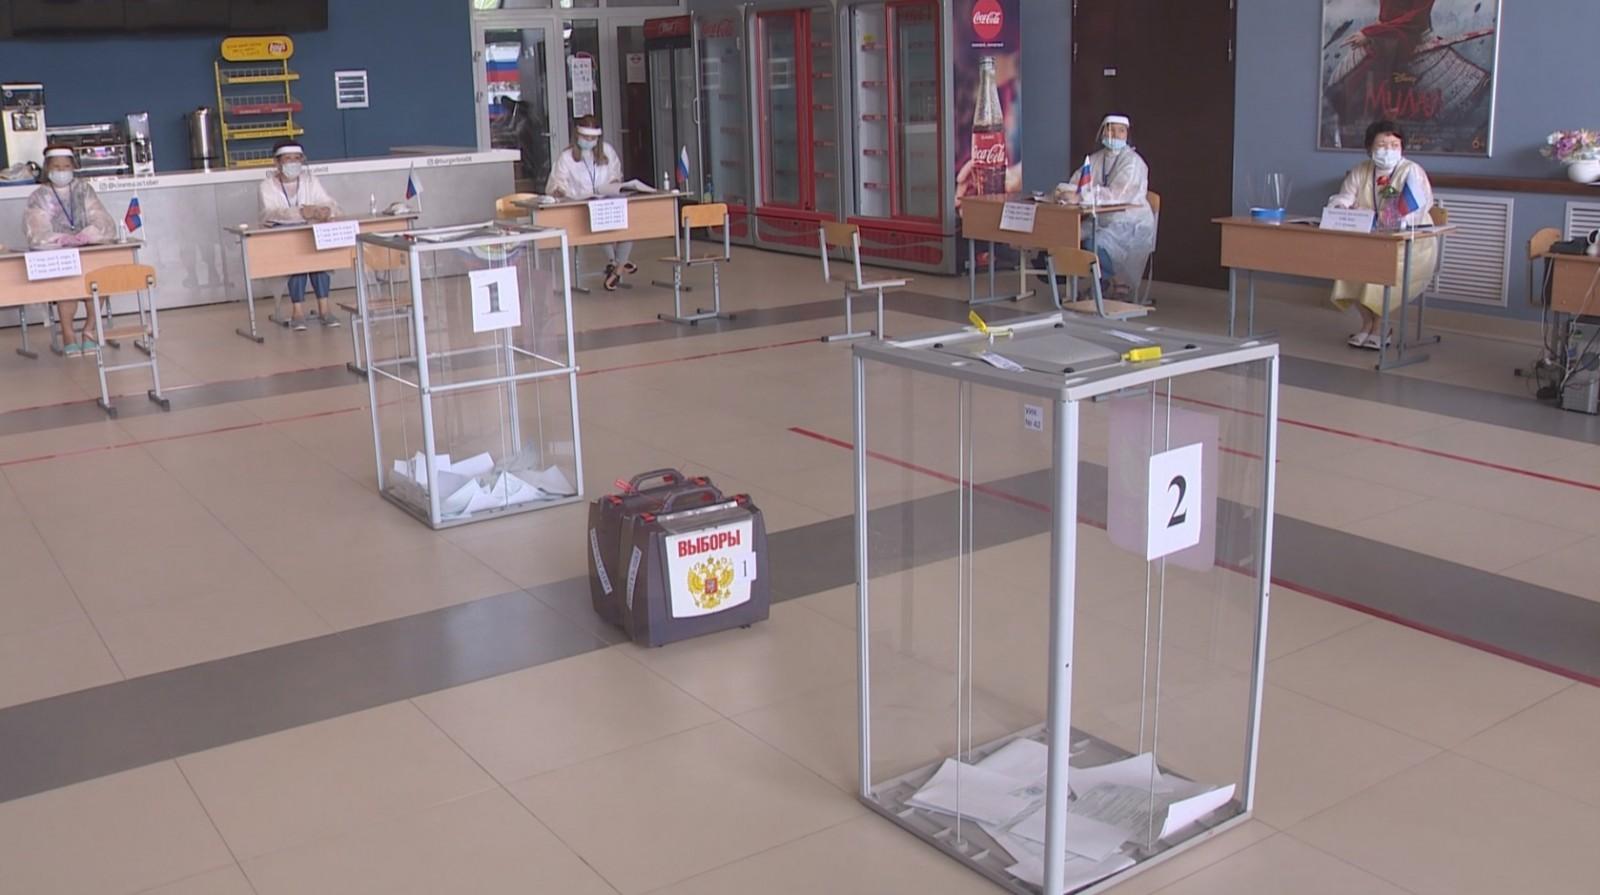 Сегодня завершается приём документов от кандидатов на выборы депутатов Государственной думы